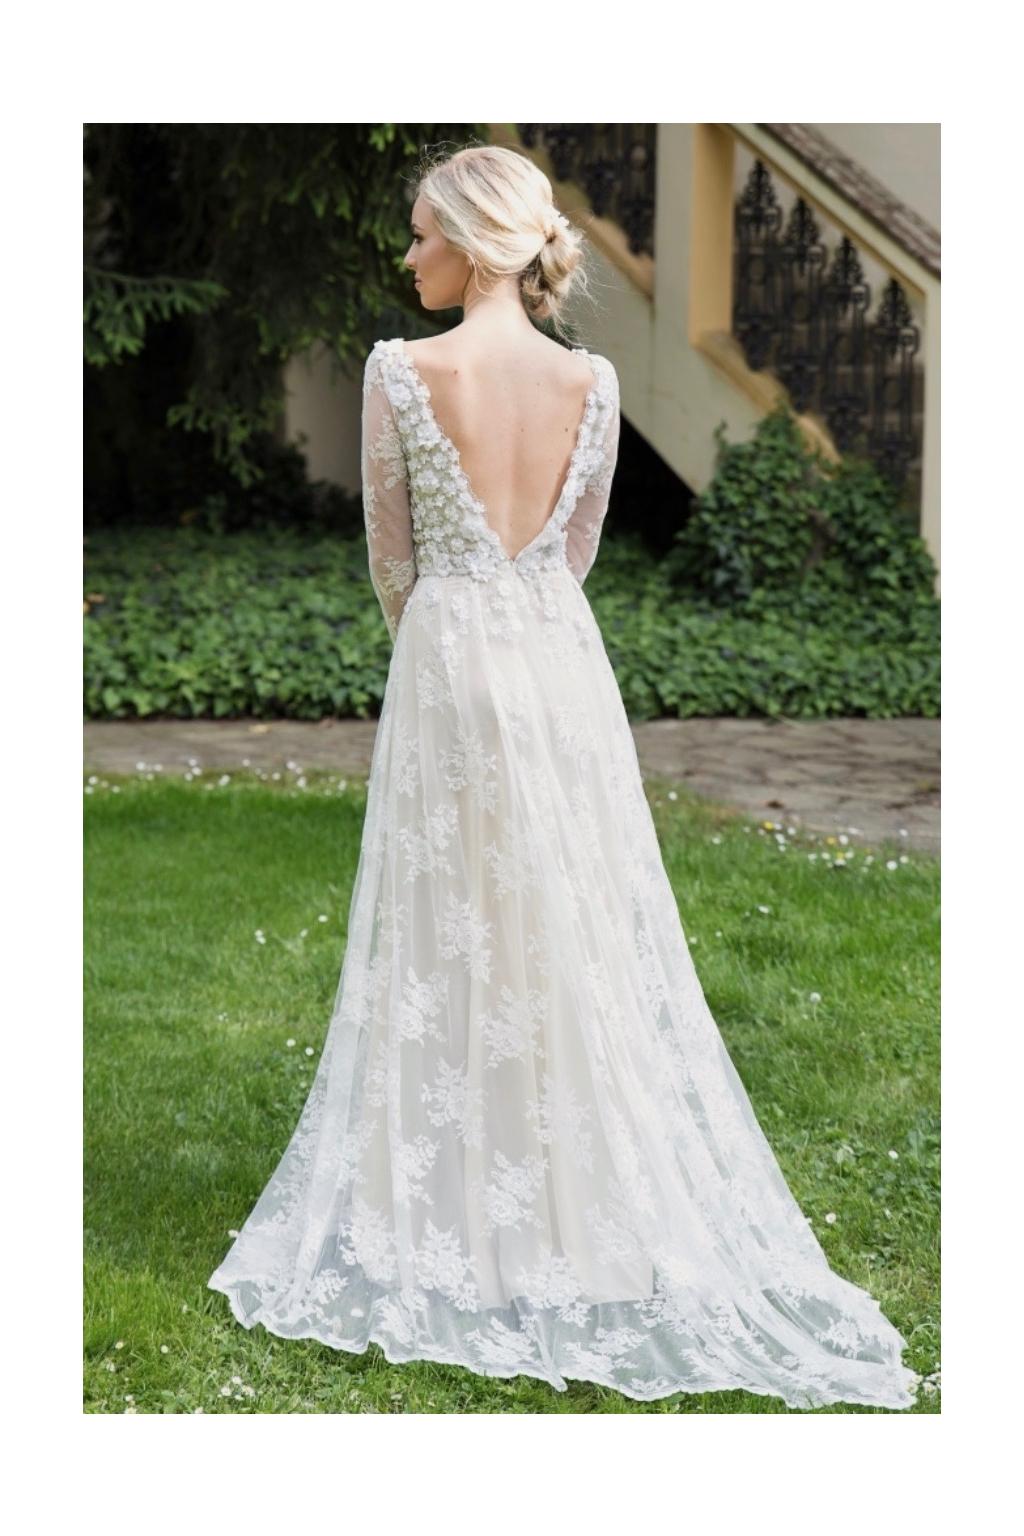 f04d3a6354 Celokrajkové svatební šaty ADELE - MiaBella